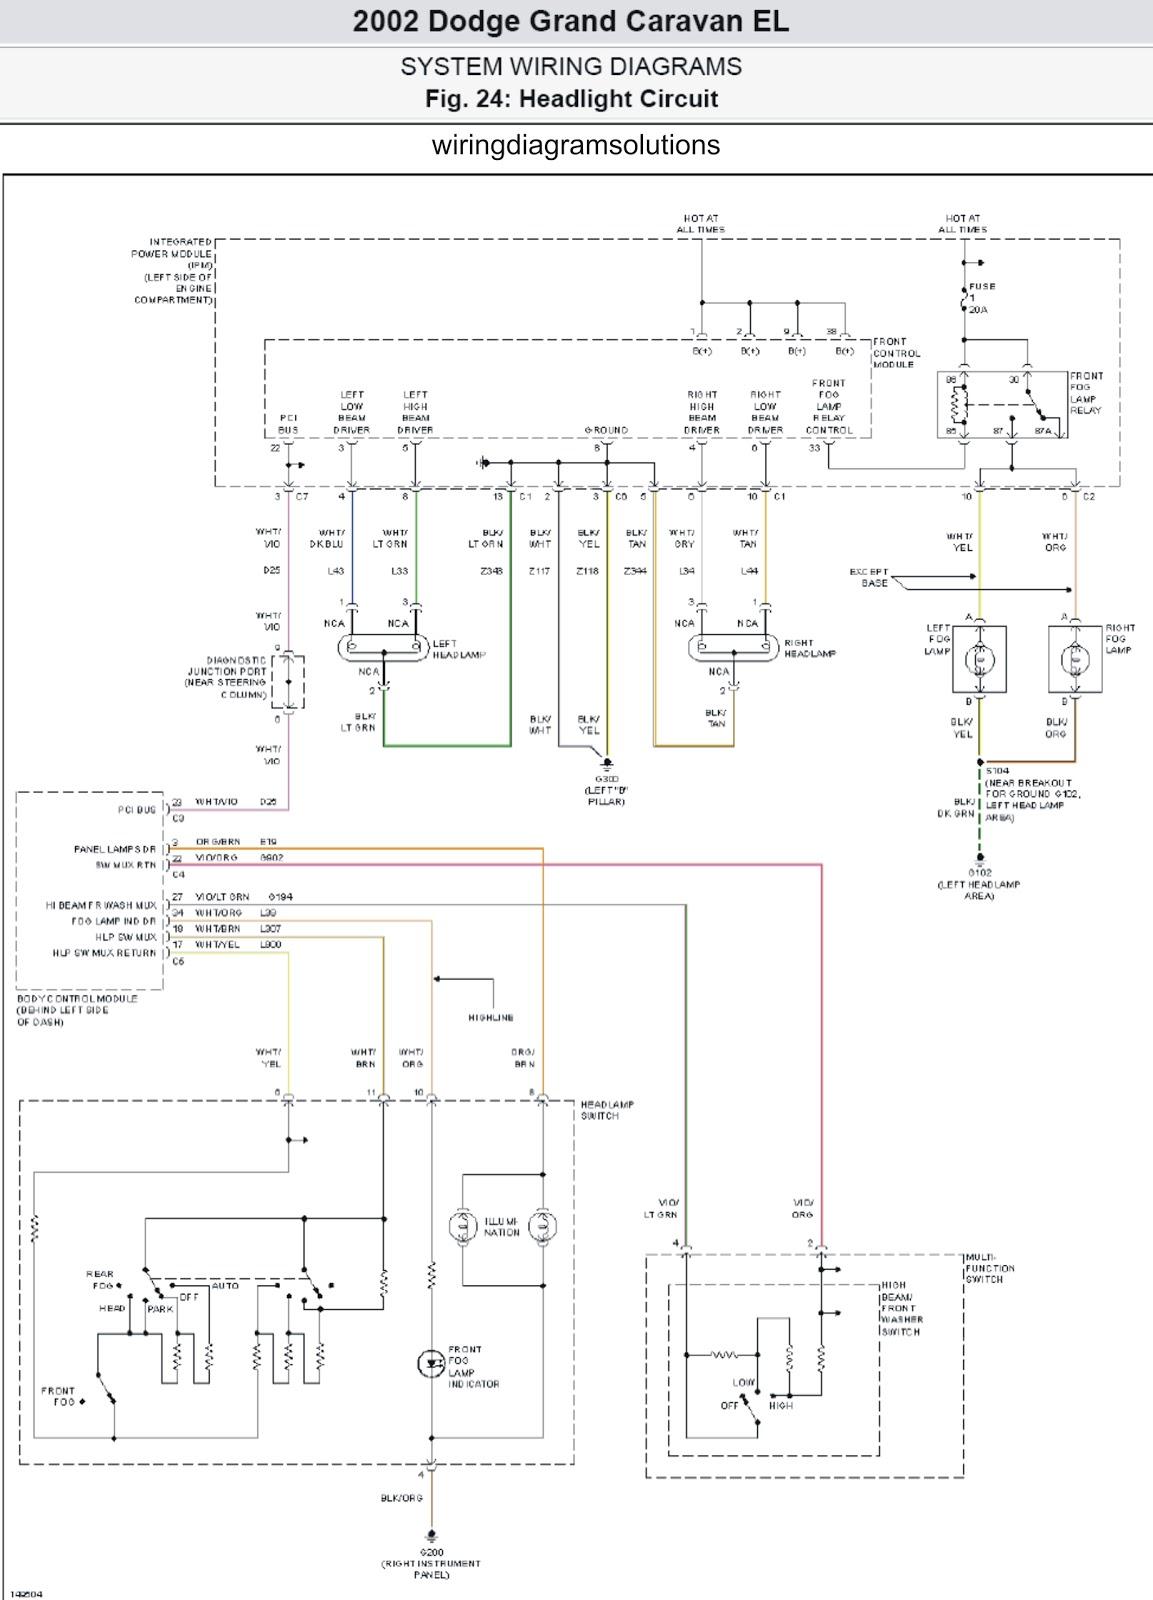 2005 chrysler 300 wiring diagrams wiring diagram Chrysler Concorde Radio Wiring Diagram  Chrysler 300C Airbeg Wiring Diagrams 2005 Chrysler Ignition Wiring Diagram 2008 Chrysler Wiring Diagrams